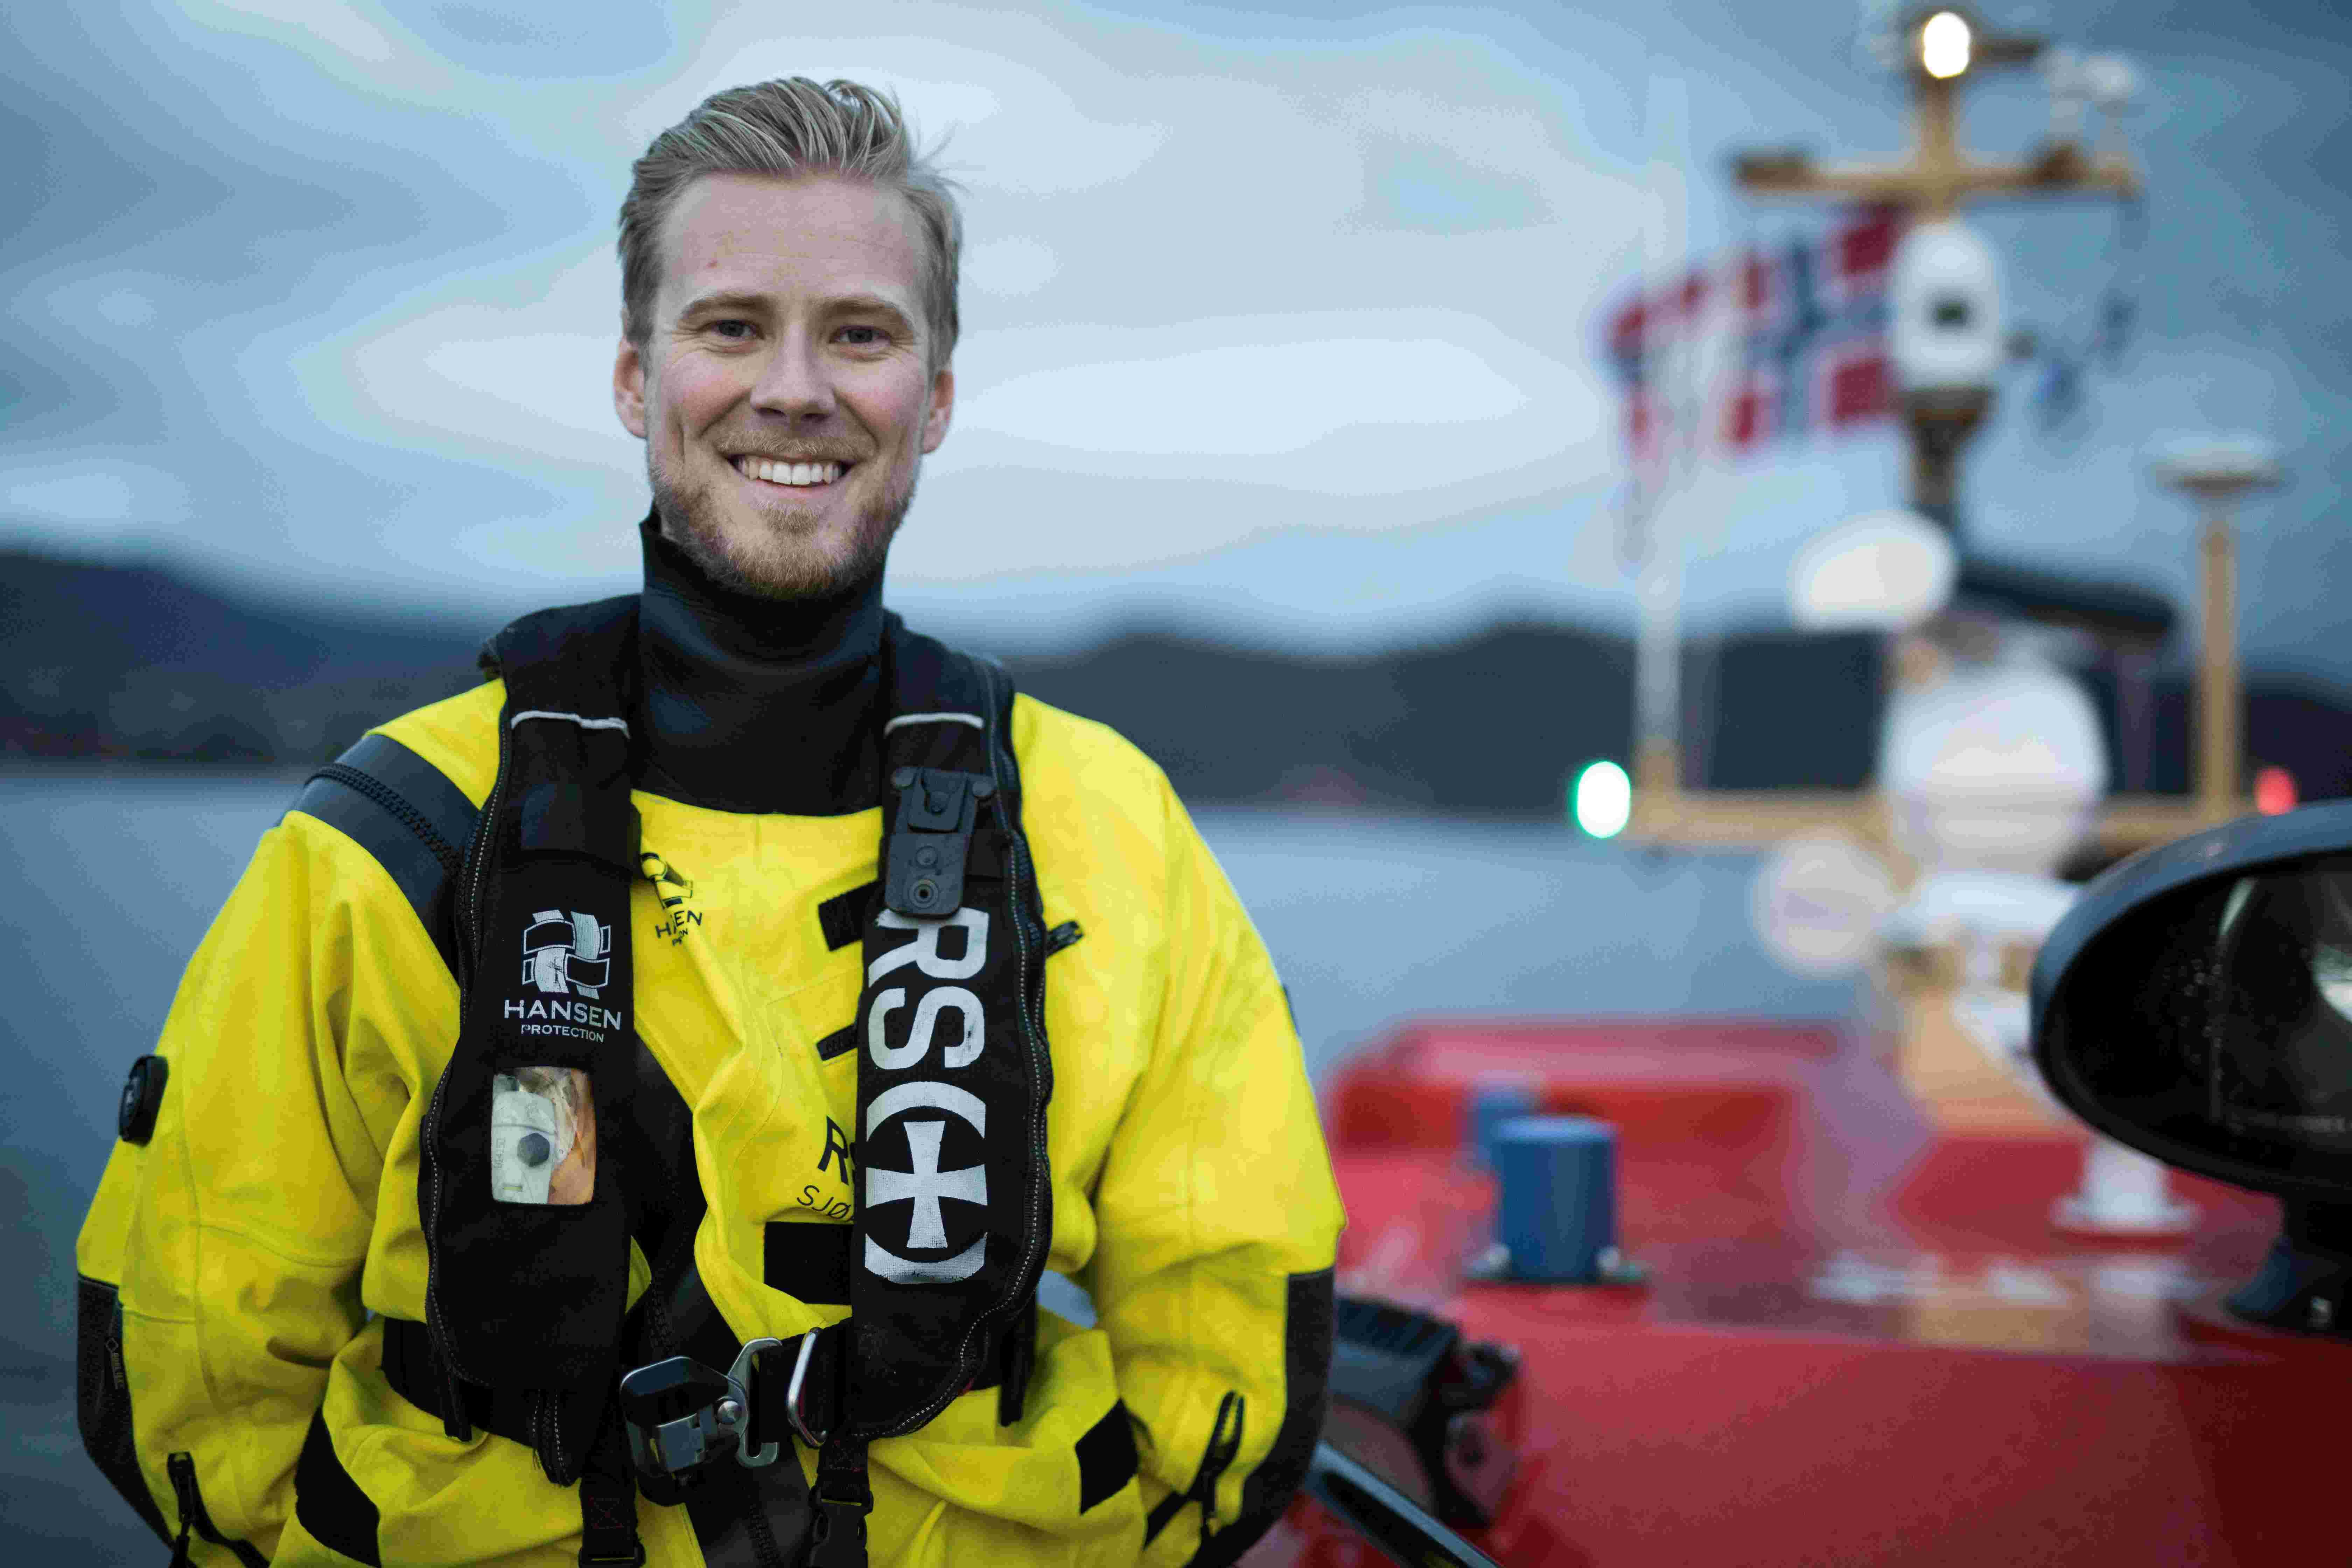 Sjøredningstjenesten